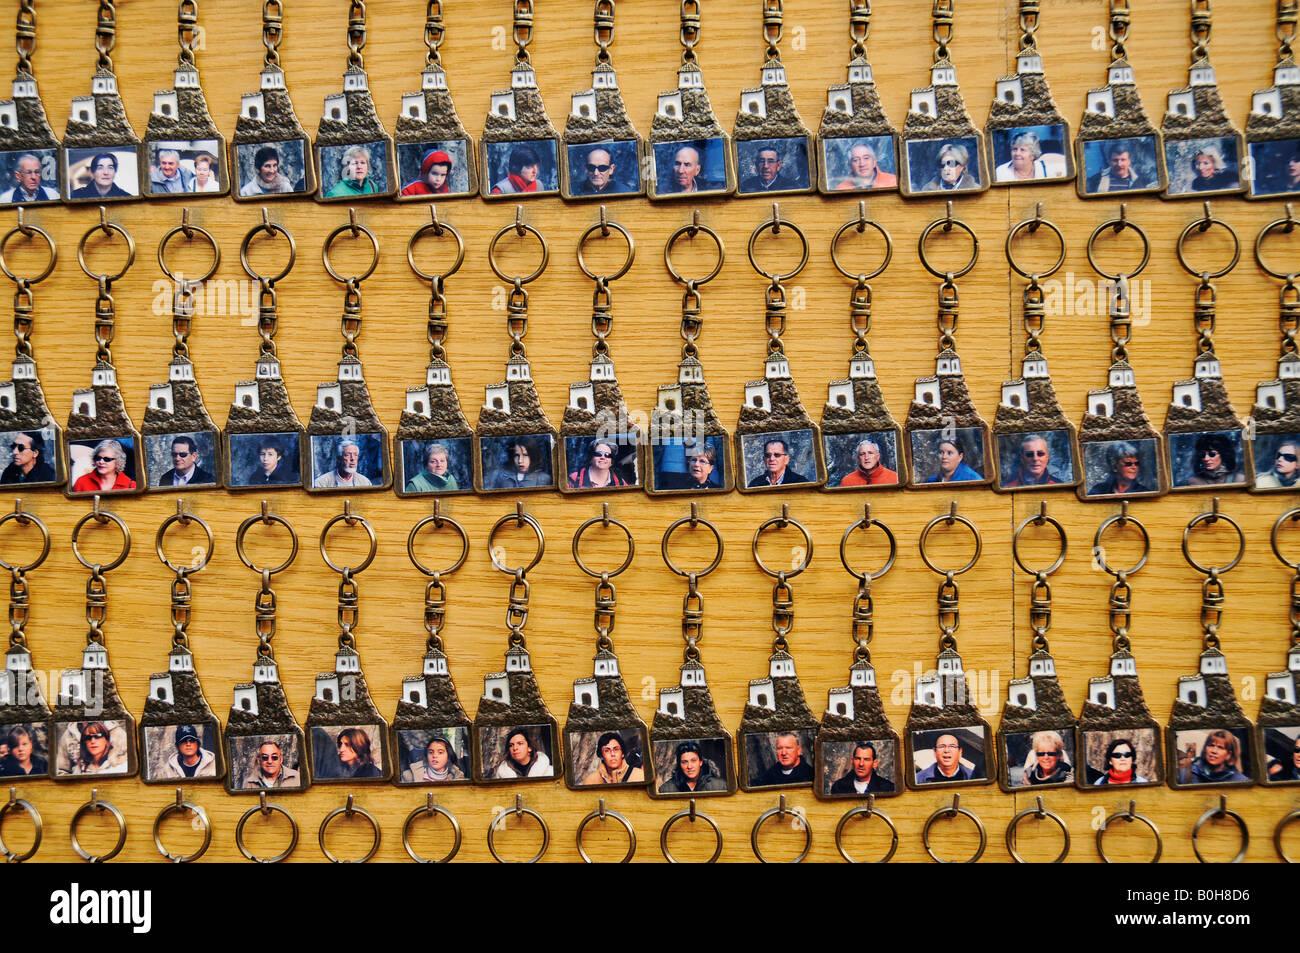 Le principali catene, portachiavi venduti a un negozio di souvenir in Guadalest, Alicante, Costa Blanca, Spagna Immagini Stock